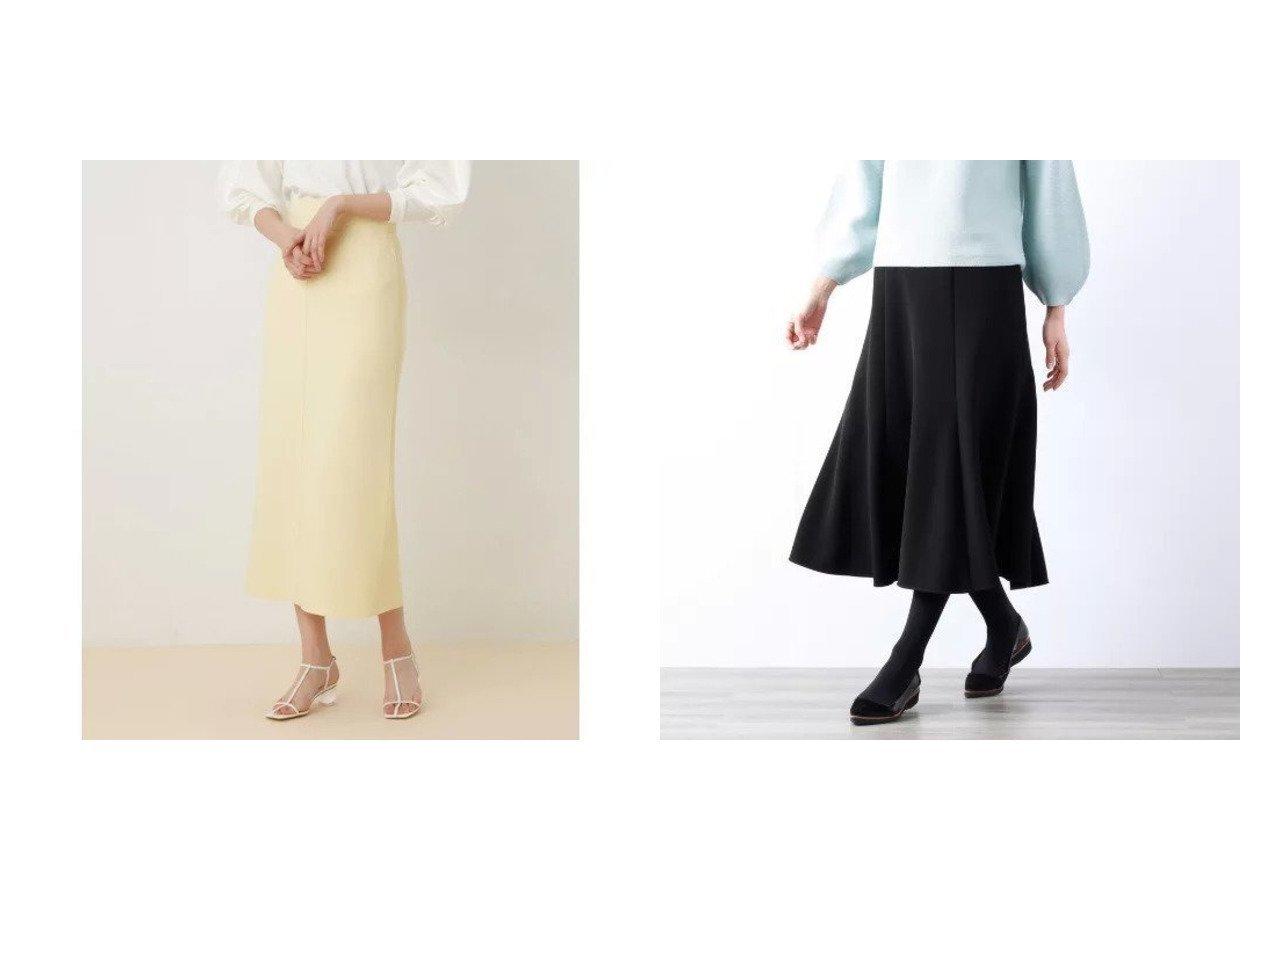 【AMACA/アマカ】のダブルクロスストレッチスカート&【Adam et Rope/アダム エ ロペ】の【セットアップ対応】ニットジョーゼットボンディングスカート スカートのおすすめ!人気トレンド・レディースファッションの通販 おすすめで人気の流行・トレンド、ファッションの通販商品 メンズファッション・キッズファッション・インテリア・家具・レディースファッション・服の通販 founy(ファニー) https://founy.com/ ファッション Fashion レディースファッション WOMEN セットアップ Setup スカート Skirt スカート Skirt オケージョン コンパクト サンダル シンプル セットアップ チュニック フィット ボンディング ポケット マキシ ロング  ID:crp329100000008995